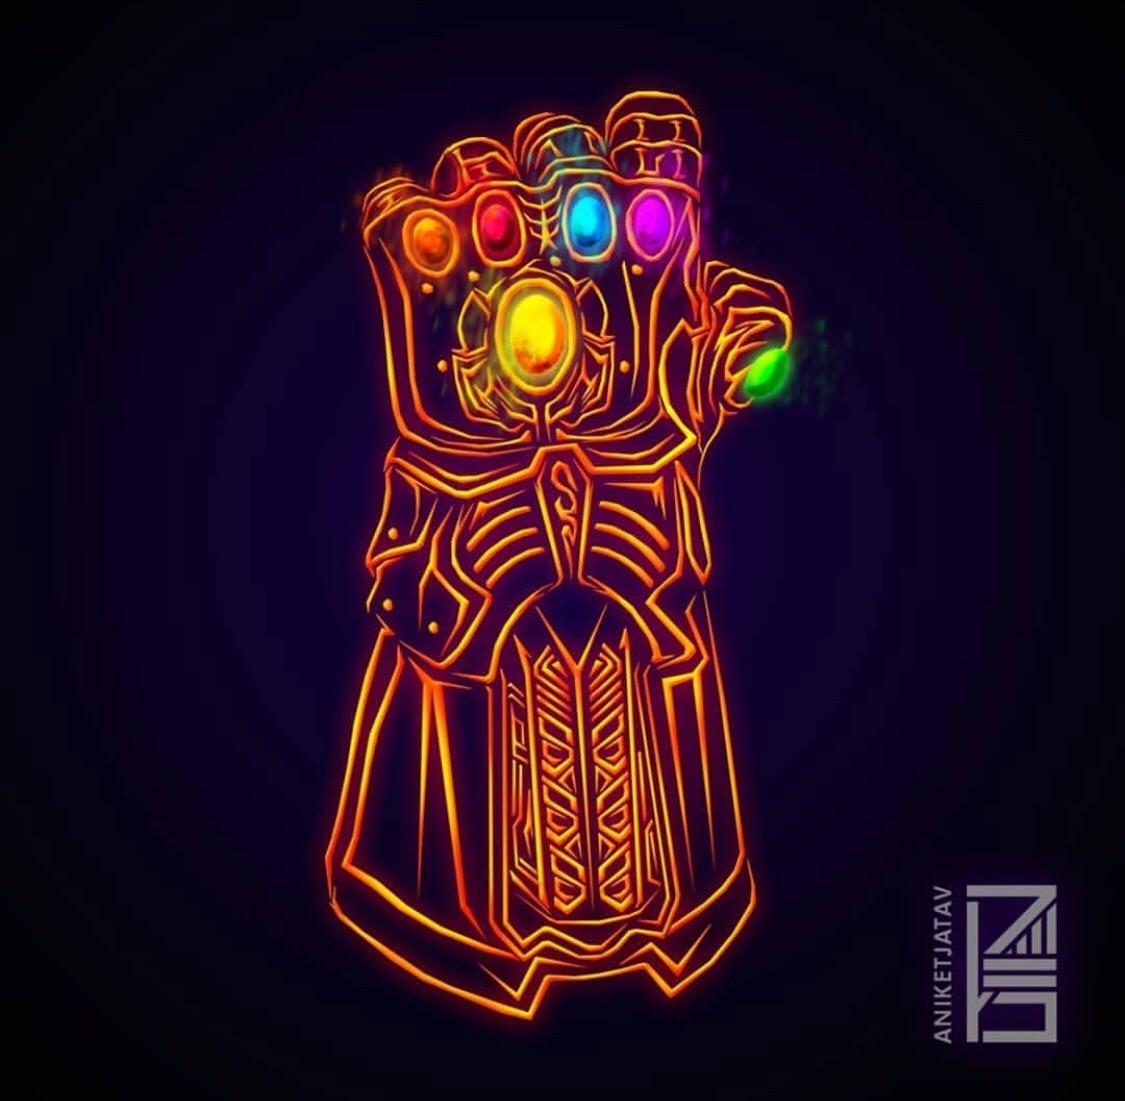 Deadpool Hd Wallpaper Iphone Neon Infinity Gauntlet Marvelstudios